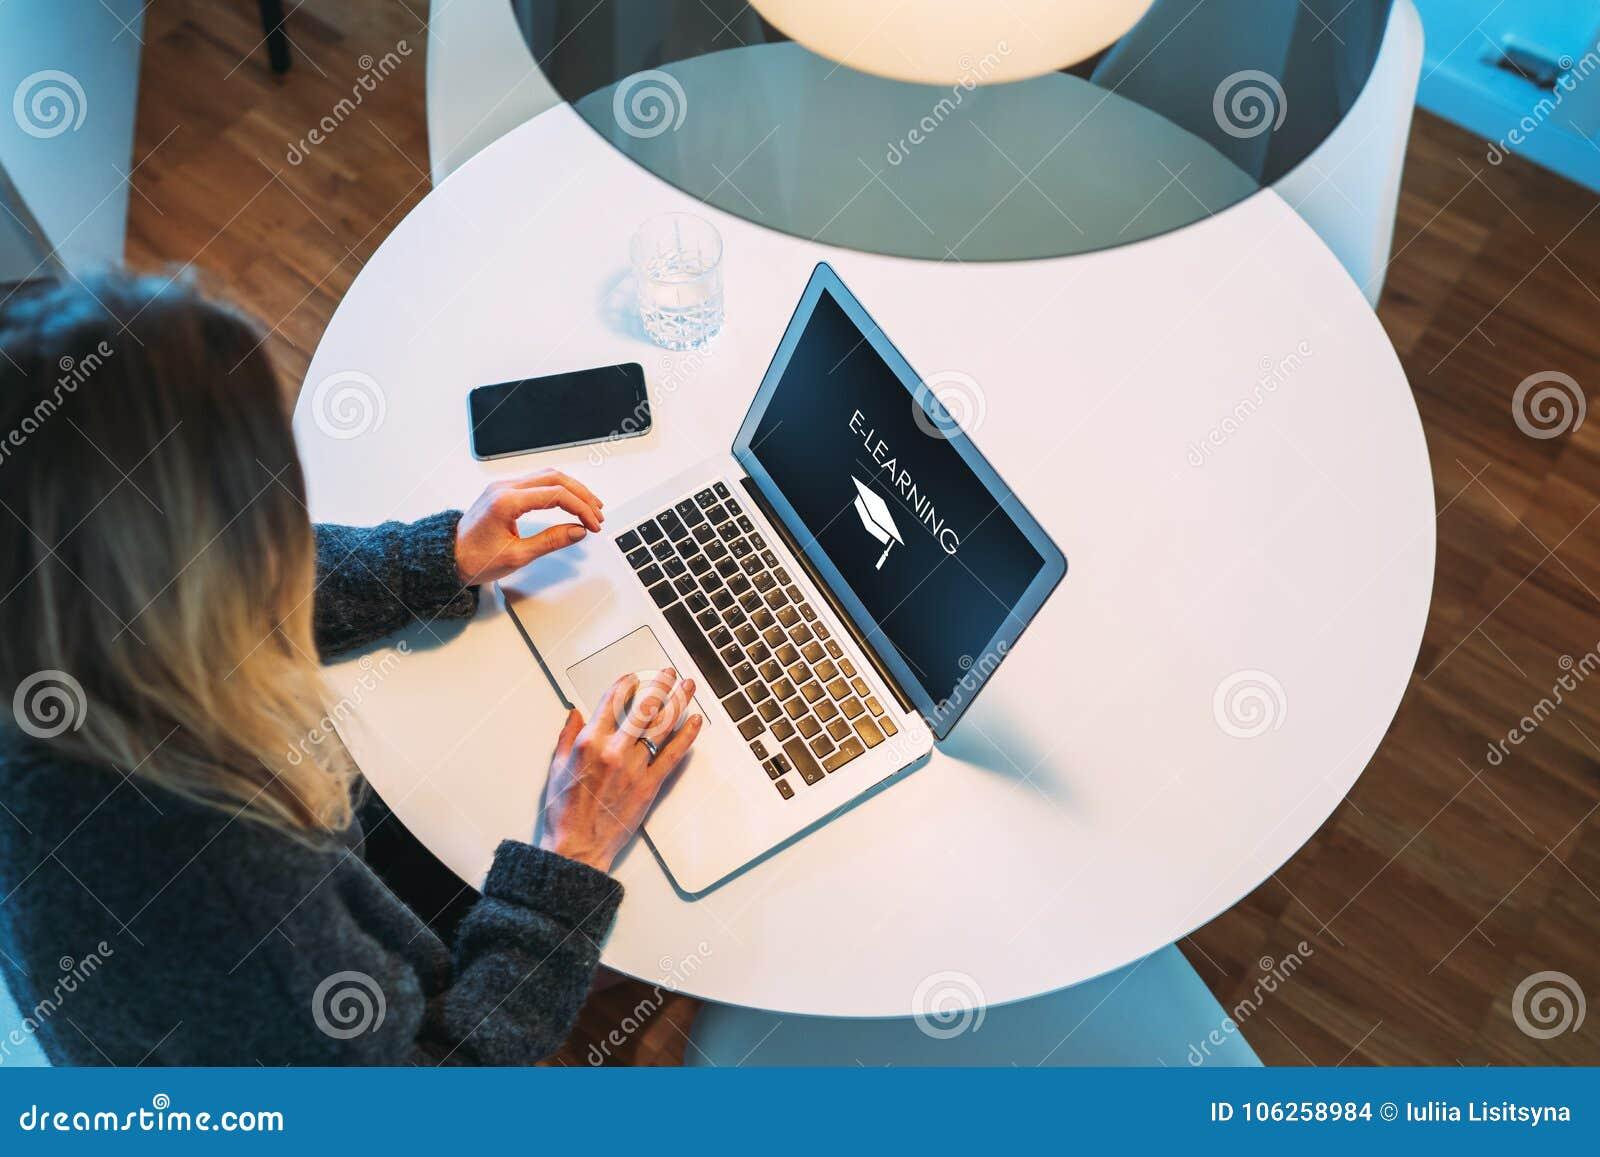 επάνω από την όψη Το κορίτσι σπουδαστών κάθεται στο στρογγυλό άσπρο πίνακα και χρησιμοποιεί το lap-top με μια επιγραφή ε-μαθαίνον